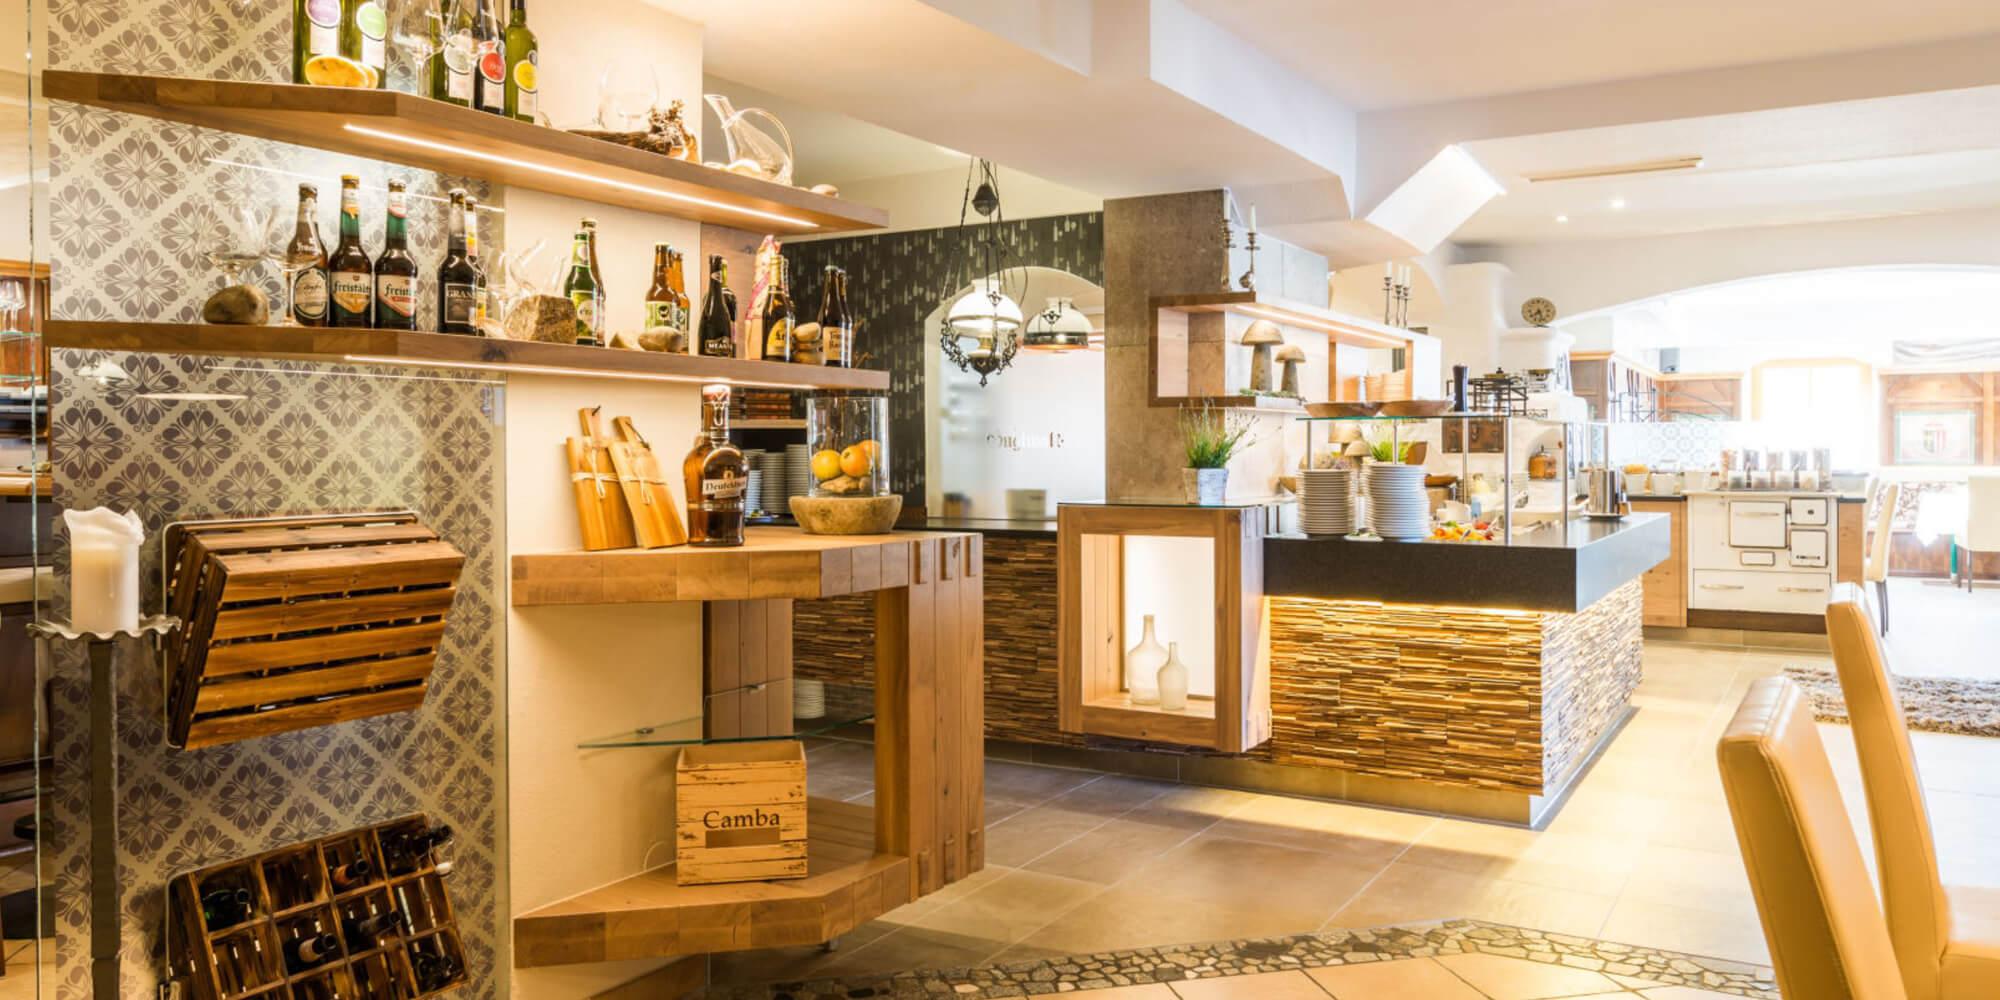 Crea-Plan-Design-Rauch-Frühmann-Architektur-Innenarchitektur-Design-Projekt-Referenz-Hotelerie-Gastronomie-Hotel-Guglwald-Buffet-B